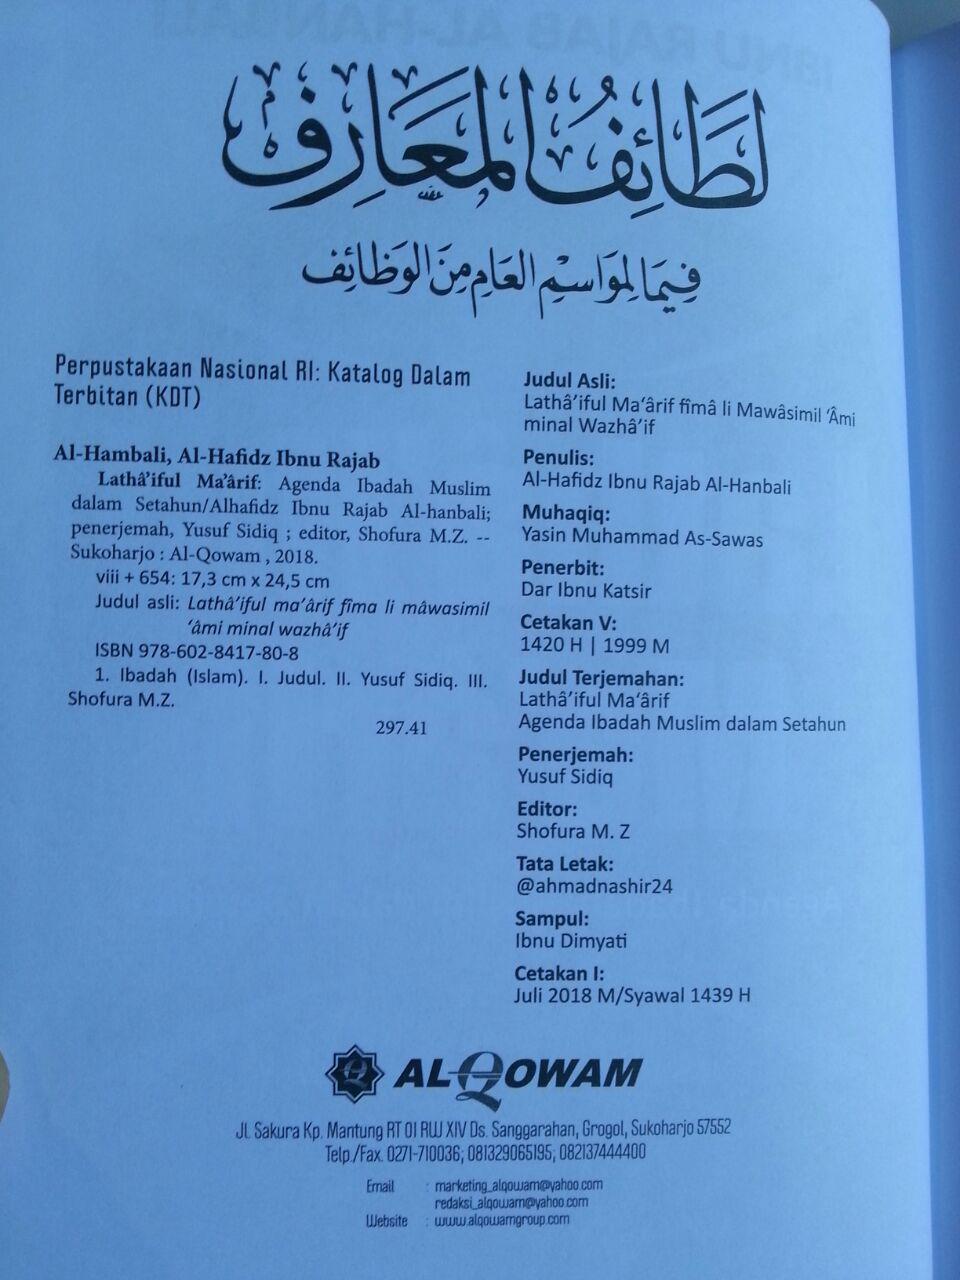 Buku Lathaiful Maarif Agenda Ibadah Muslim Dalam Setahun isi 2